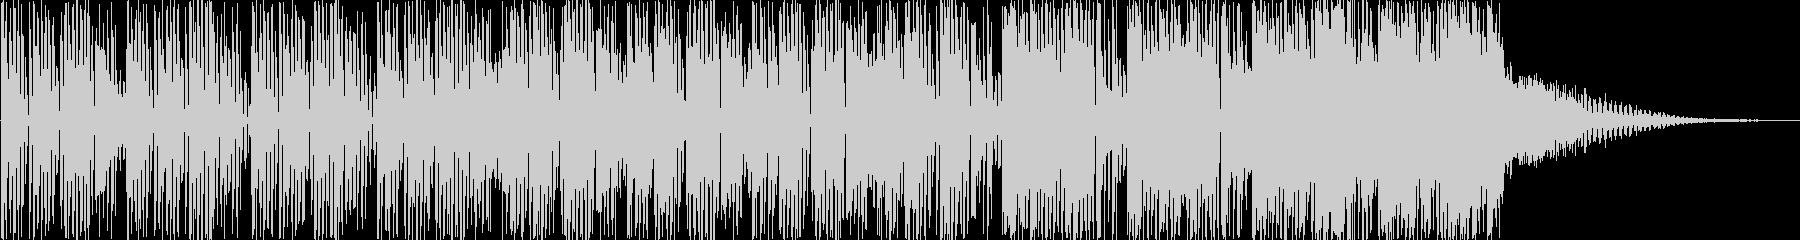 コミカル、愉快なBGMの未再生の波形